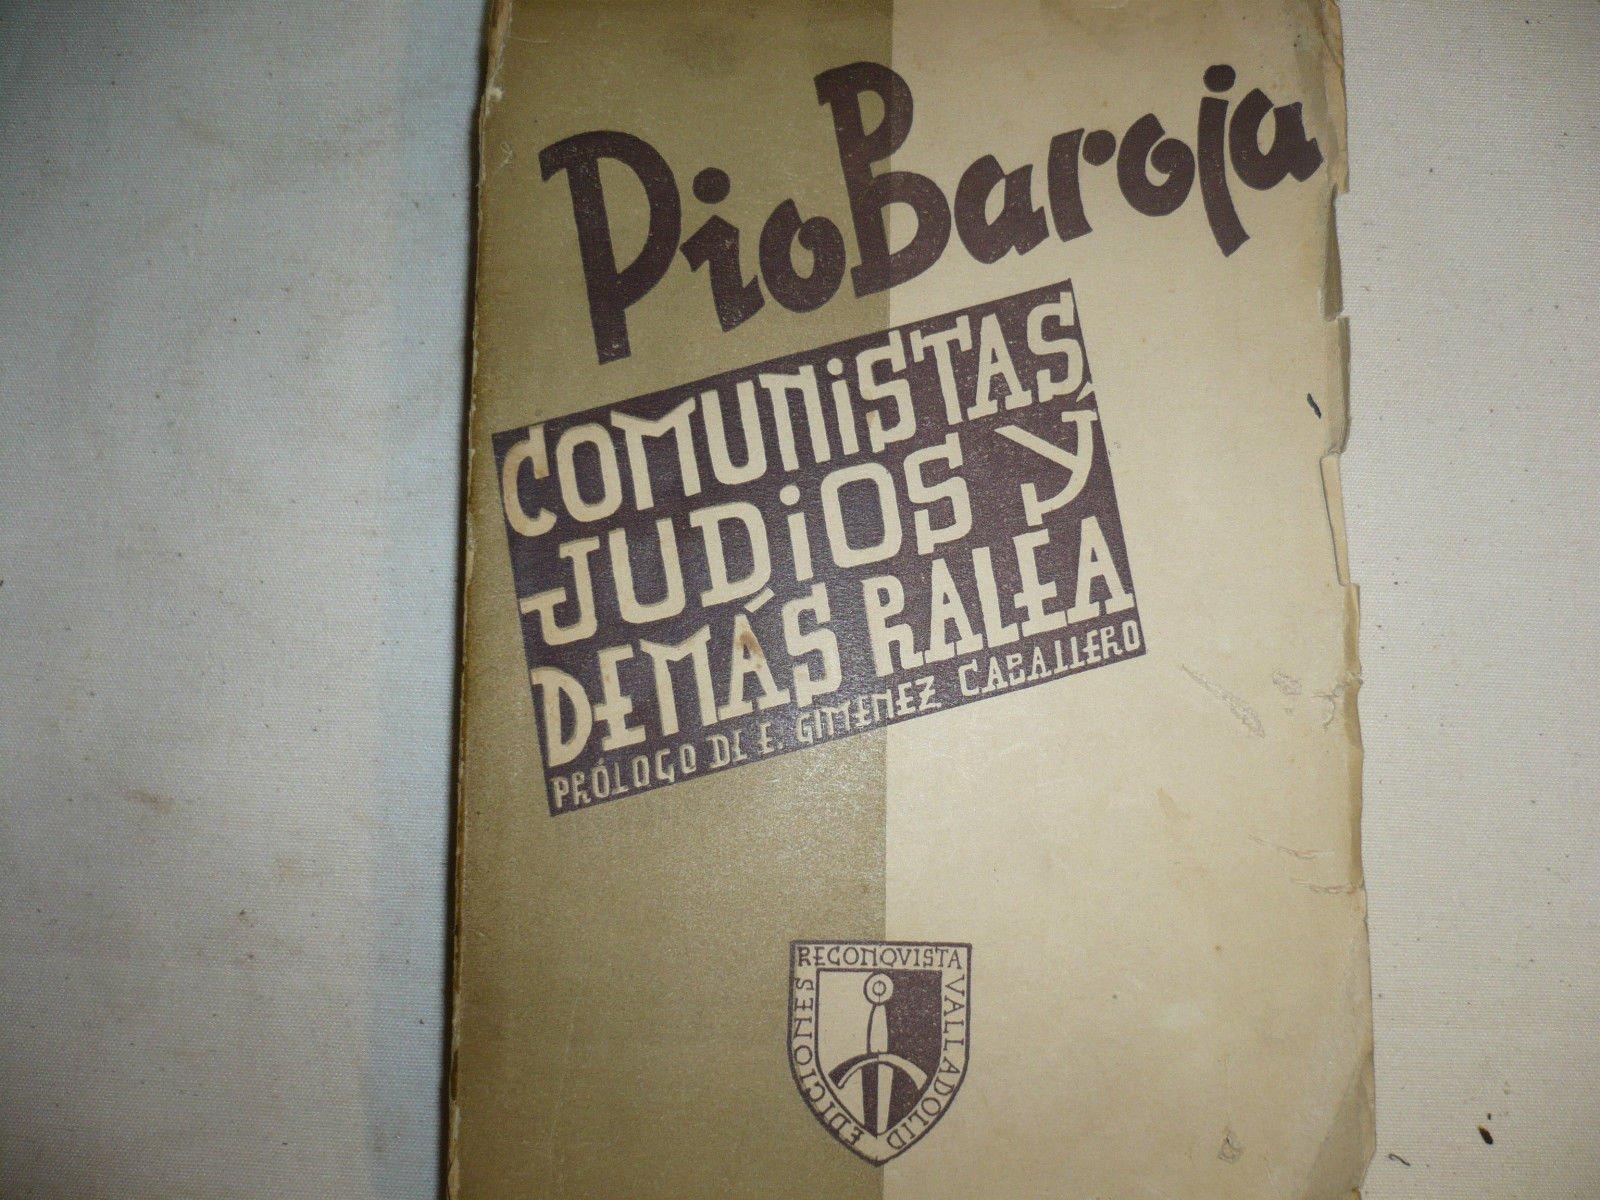 Resultado de imagen de BAROJA, Pío, Comunistas, judíos y demás ralea, Valladolid, Ediciones Cumbre, 1939.